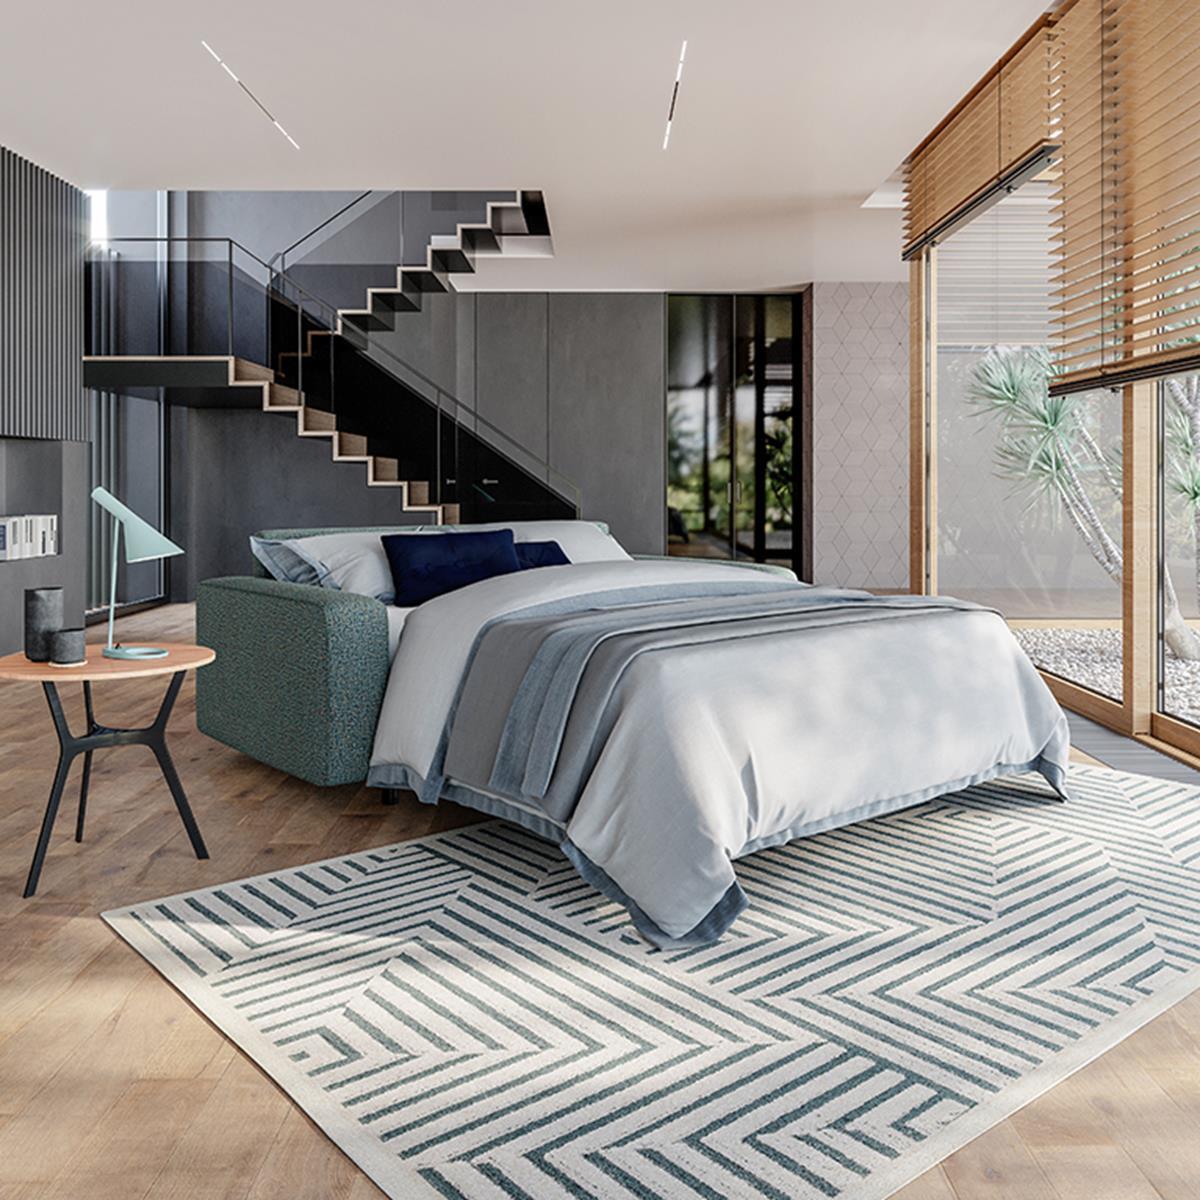 poltronesofa-collezione-divani-letto-19